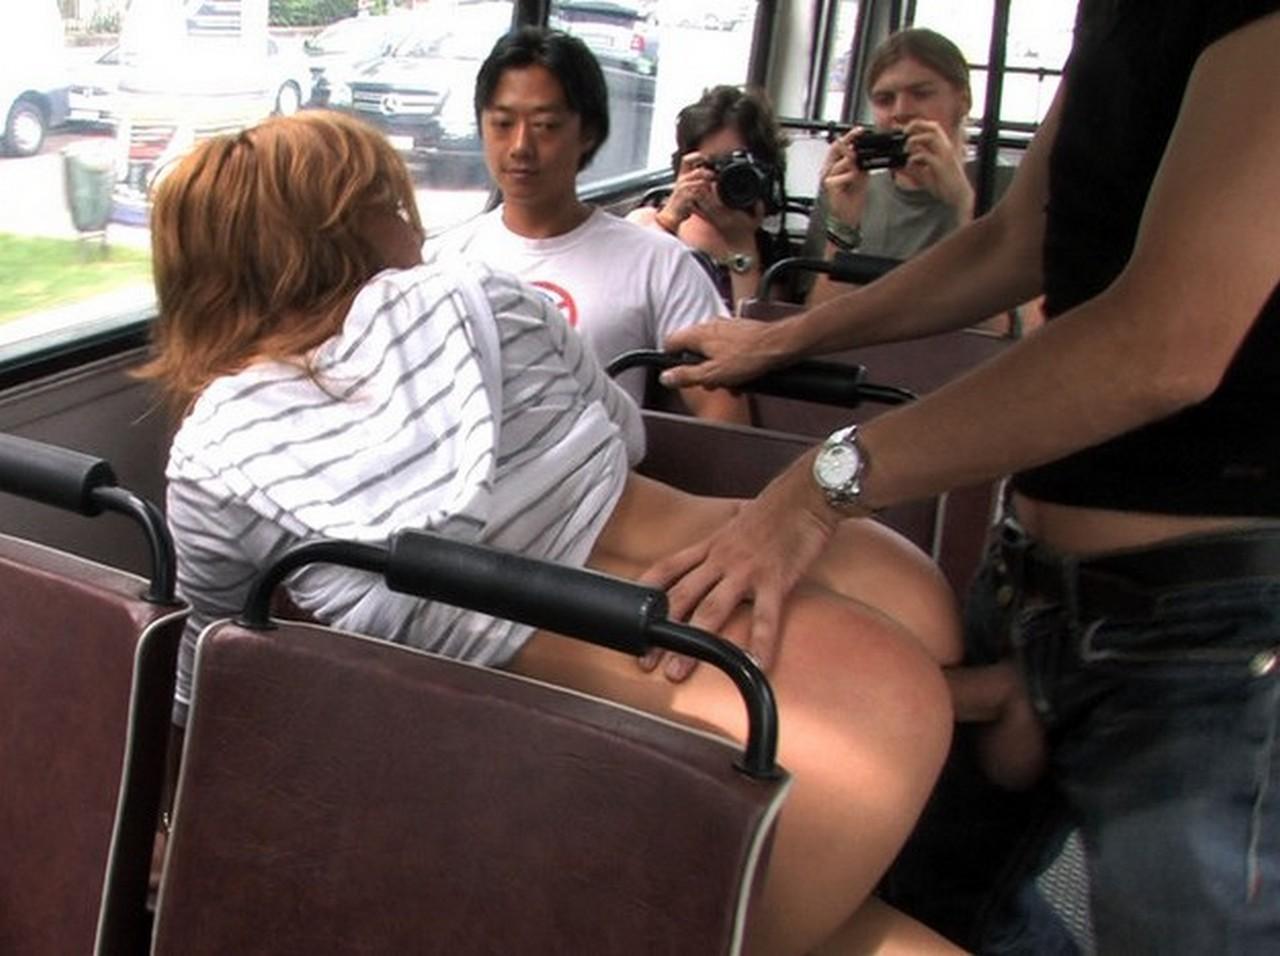 Секс в машине публично 8 фотография